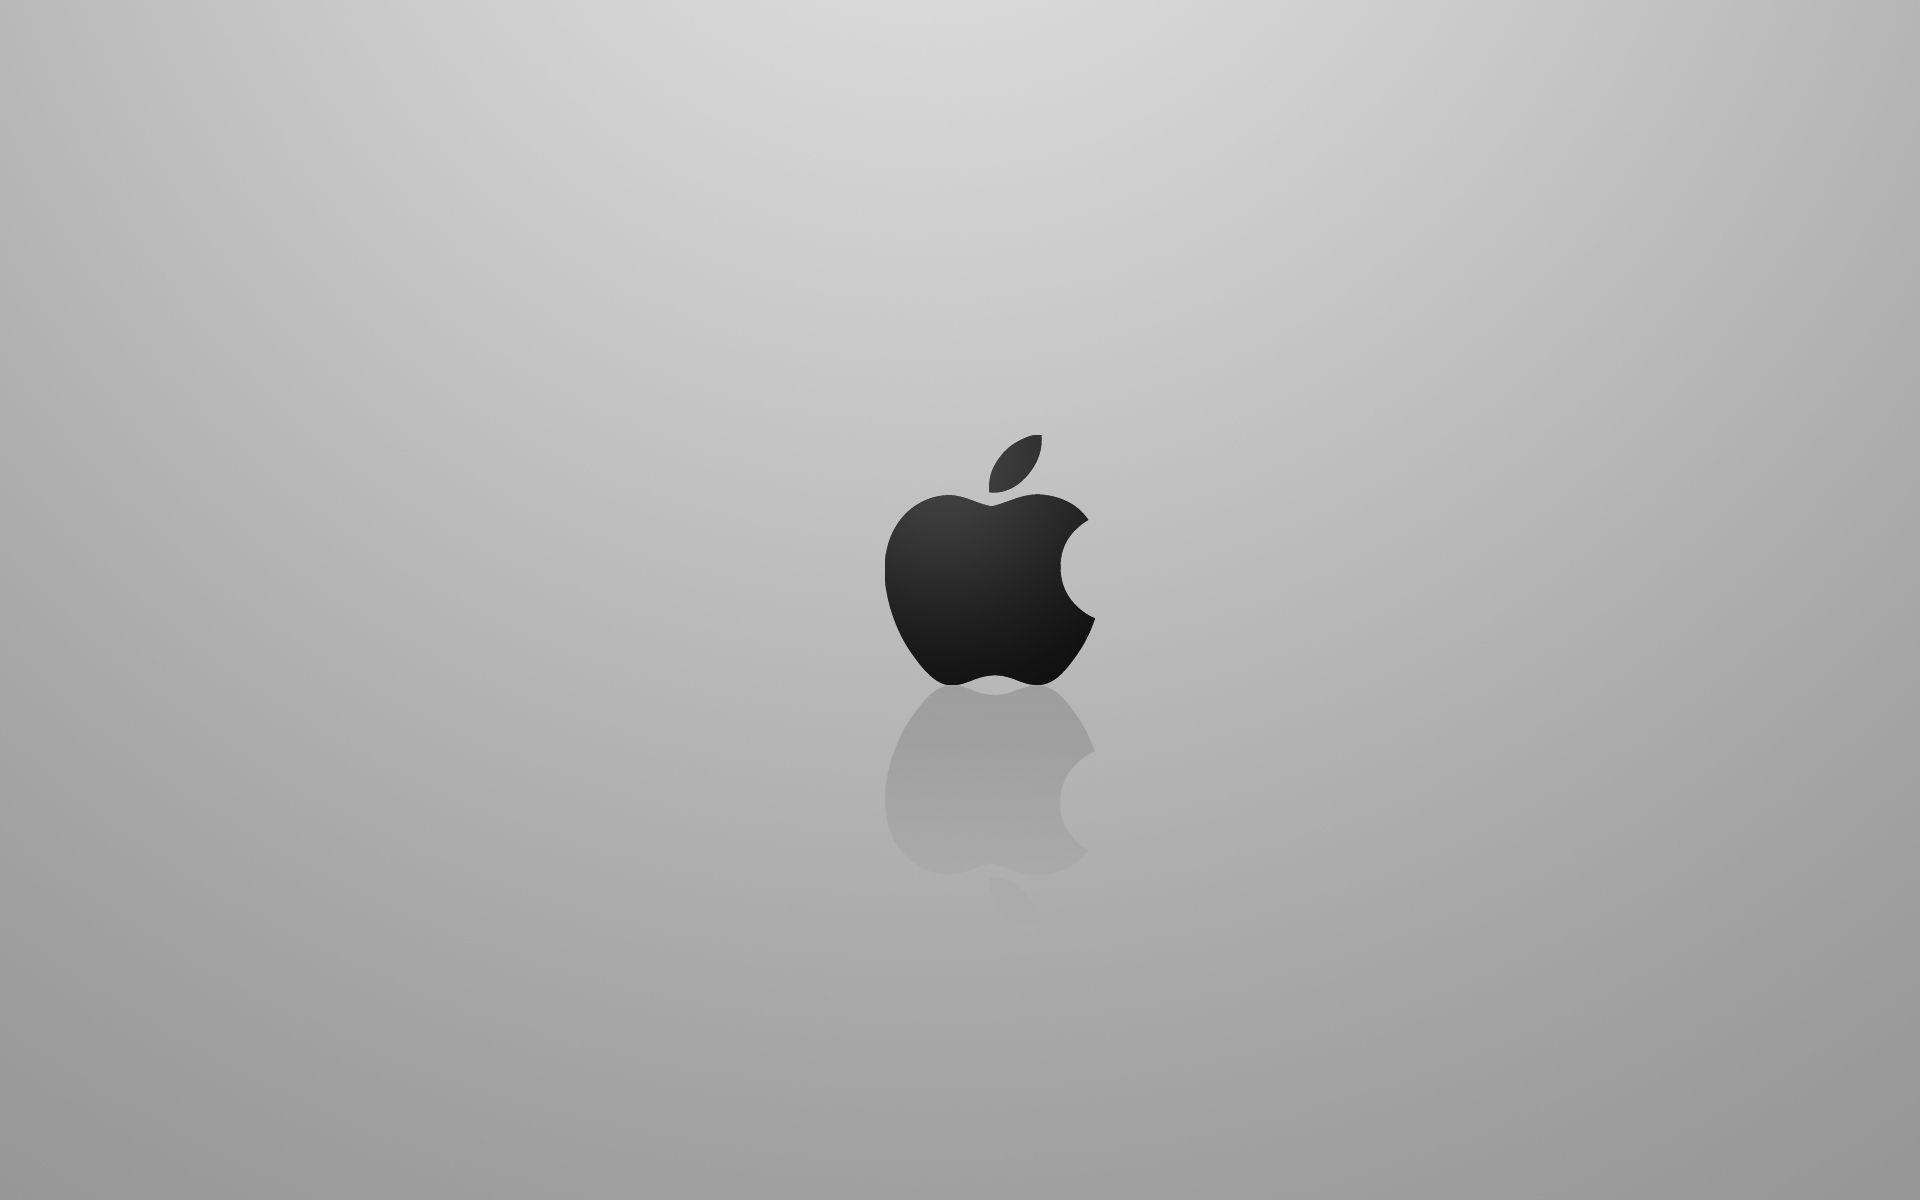 Best Apple Wallpapers Apple Wallpaper Hd Mac 27332 Hd